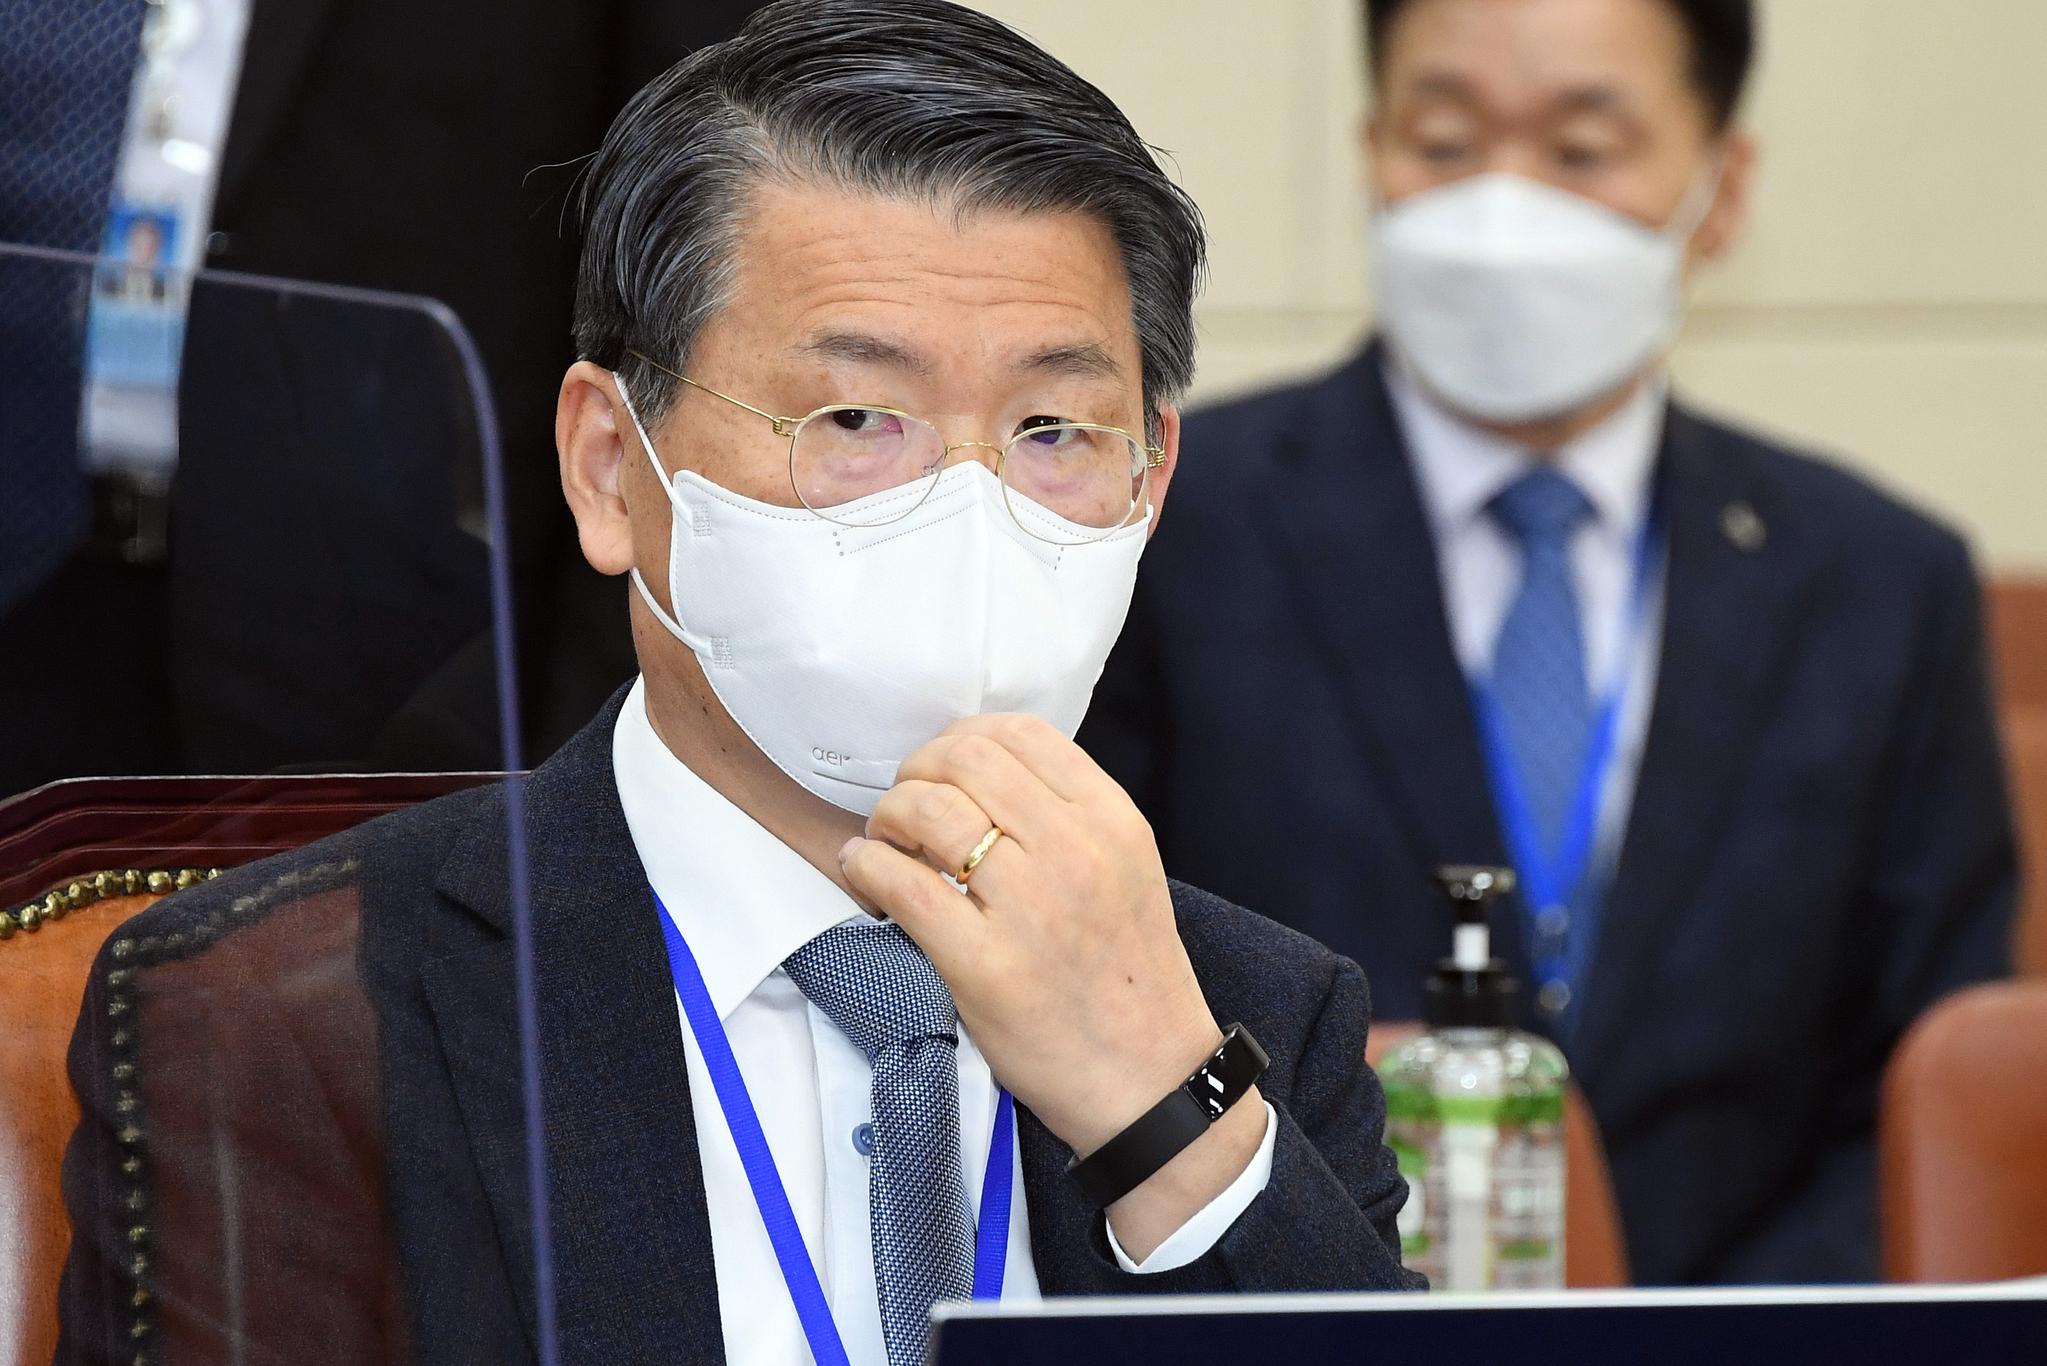 은성수 금융위원회위원장이 17일 국회에서 열린 정무위원회전체회의에서 질의를 듣고 있다. 오종택 기자